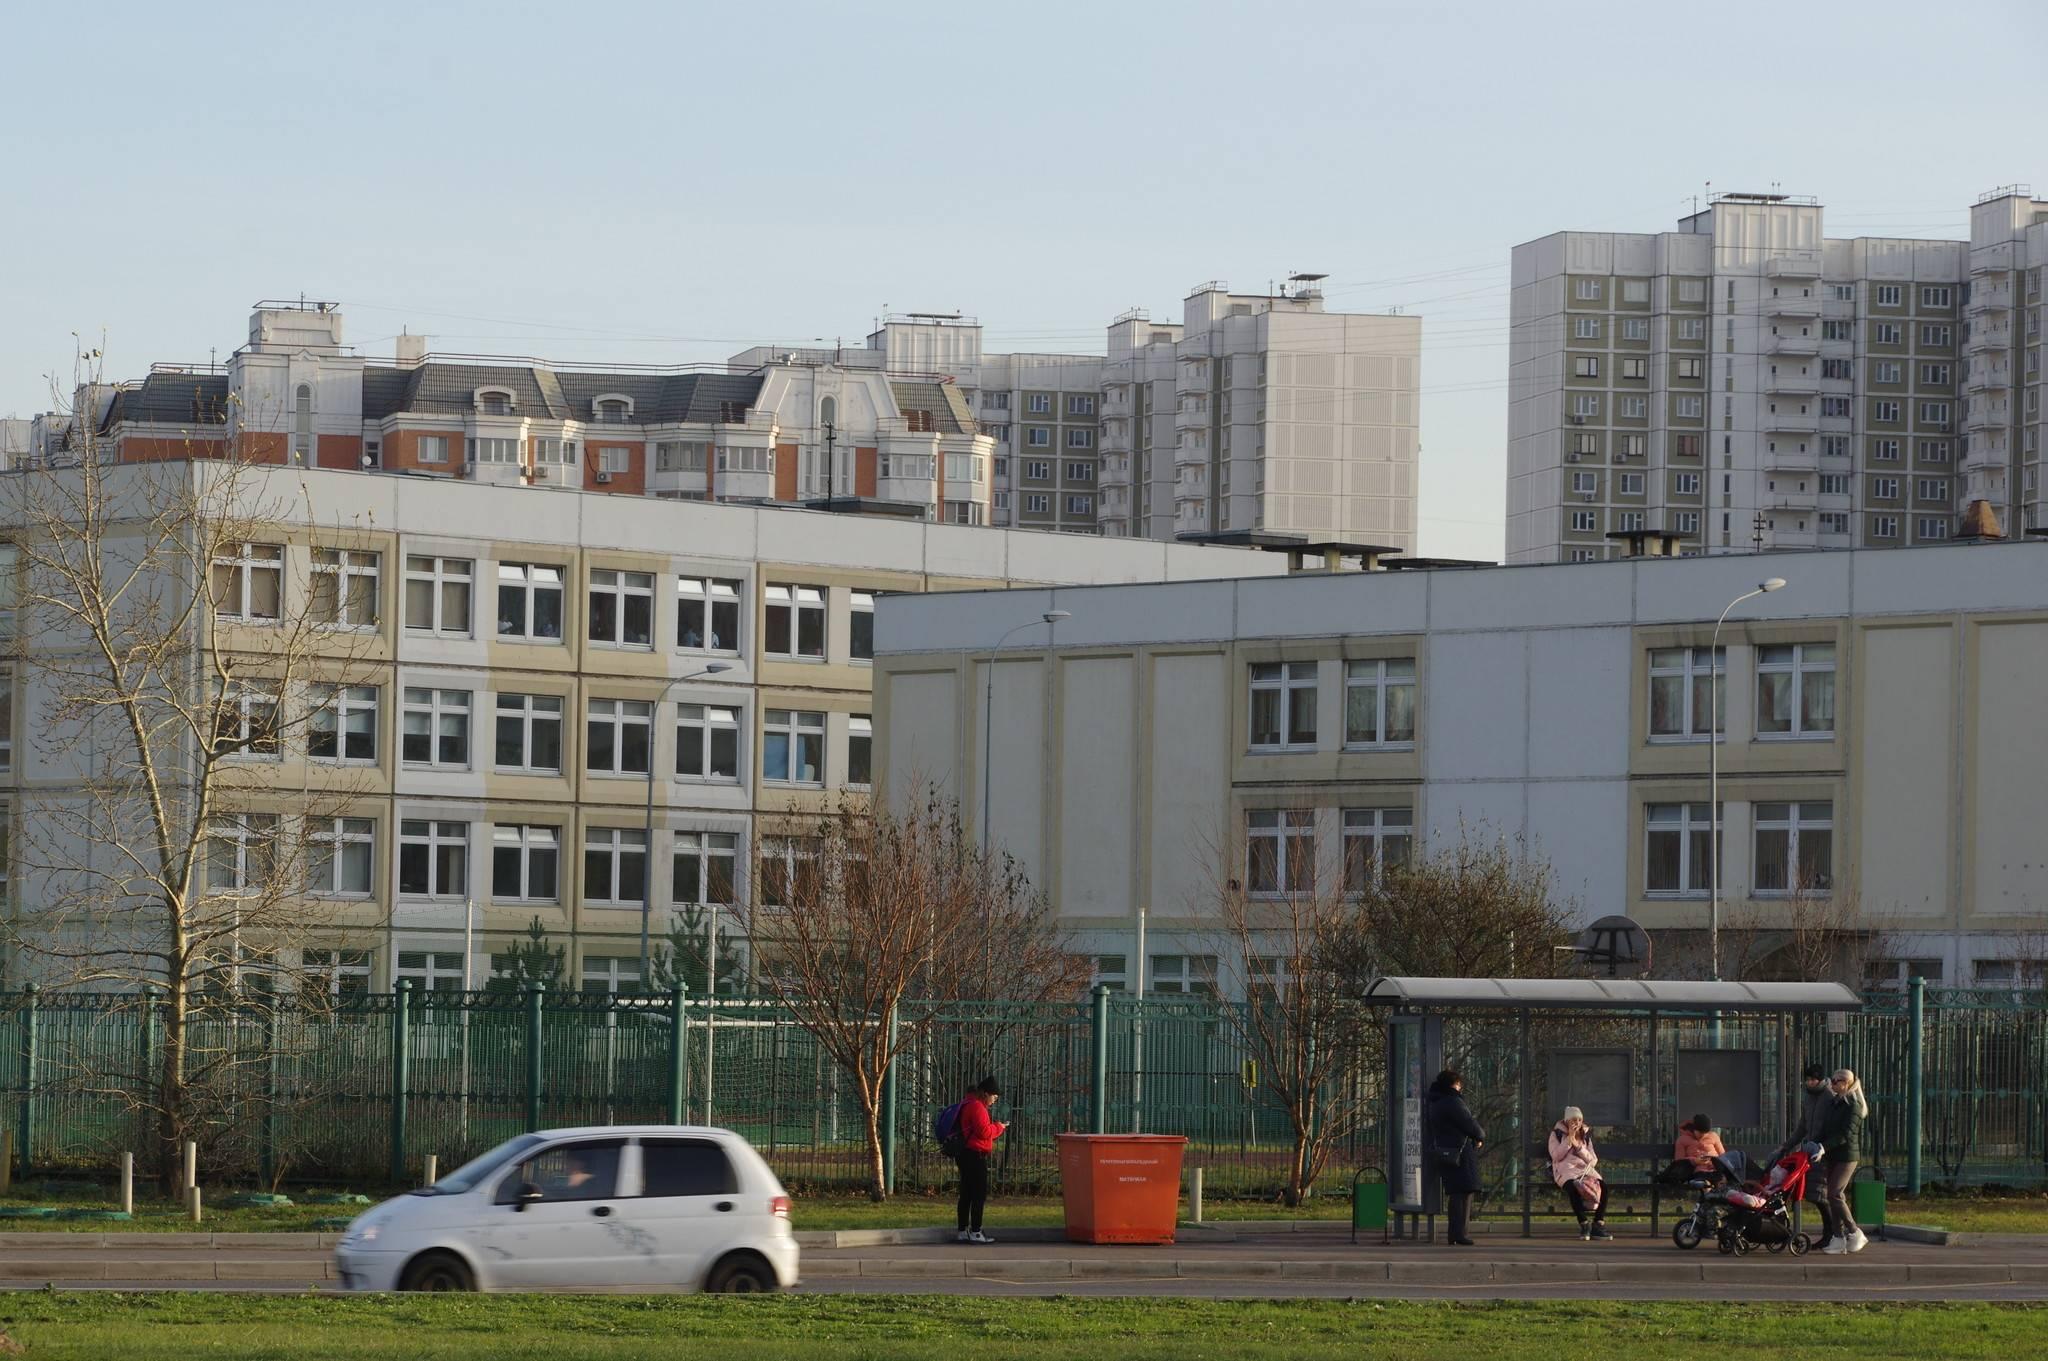 Государственное бюджетное общеобразовательное учреждение города Москвы школа № 709 Школьное отделение № 2 (Челобитьевское шоссе, 2)